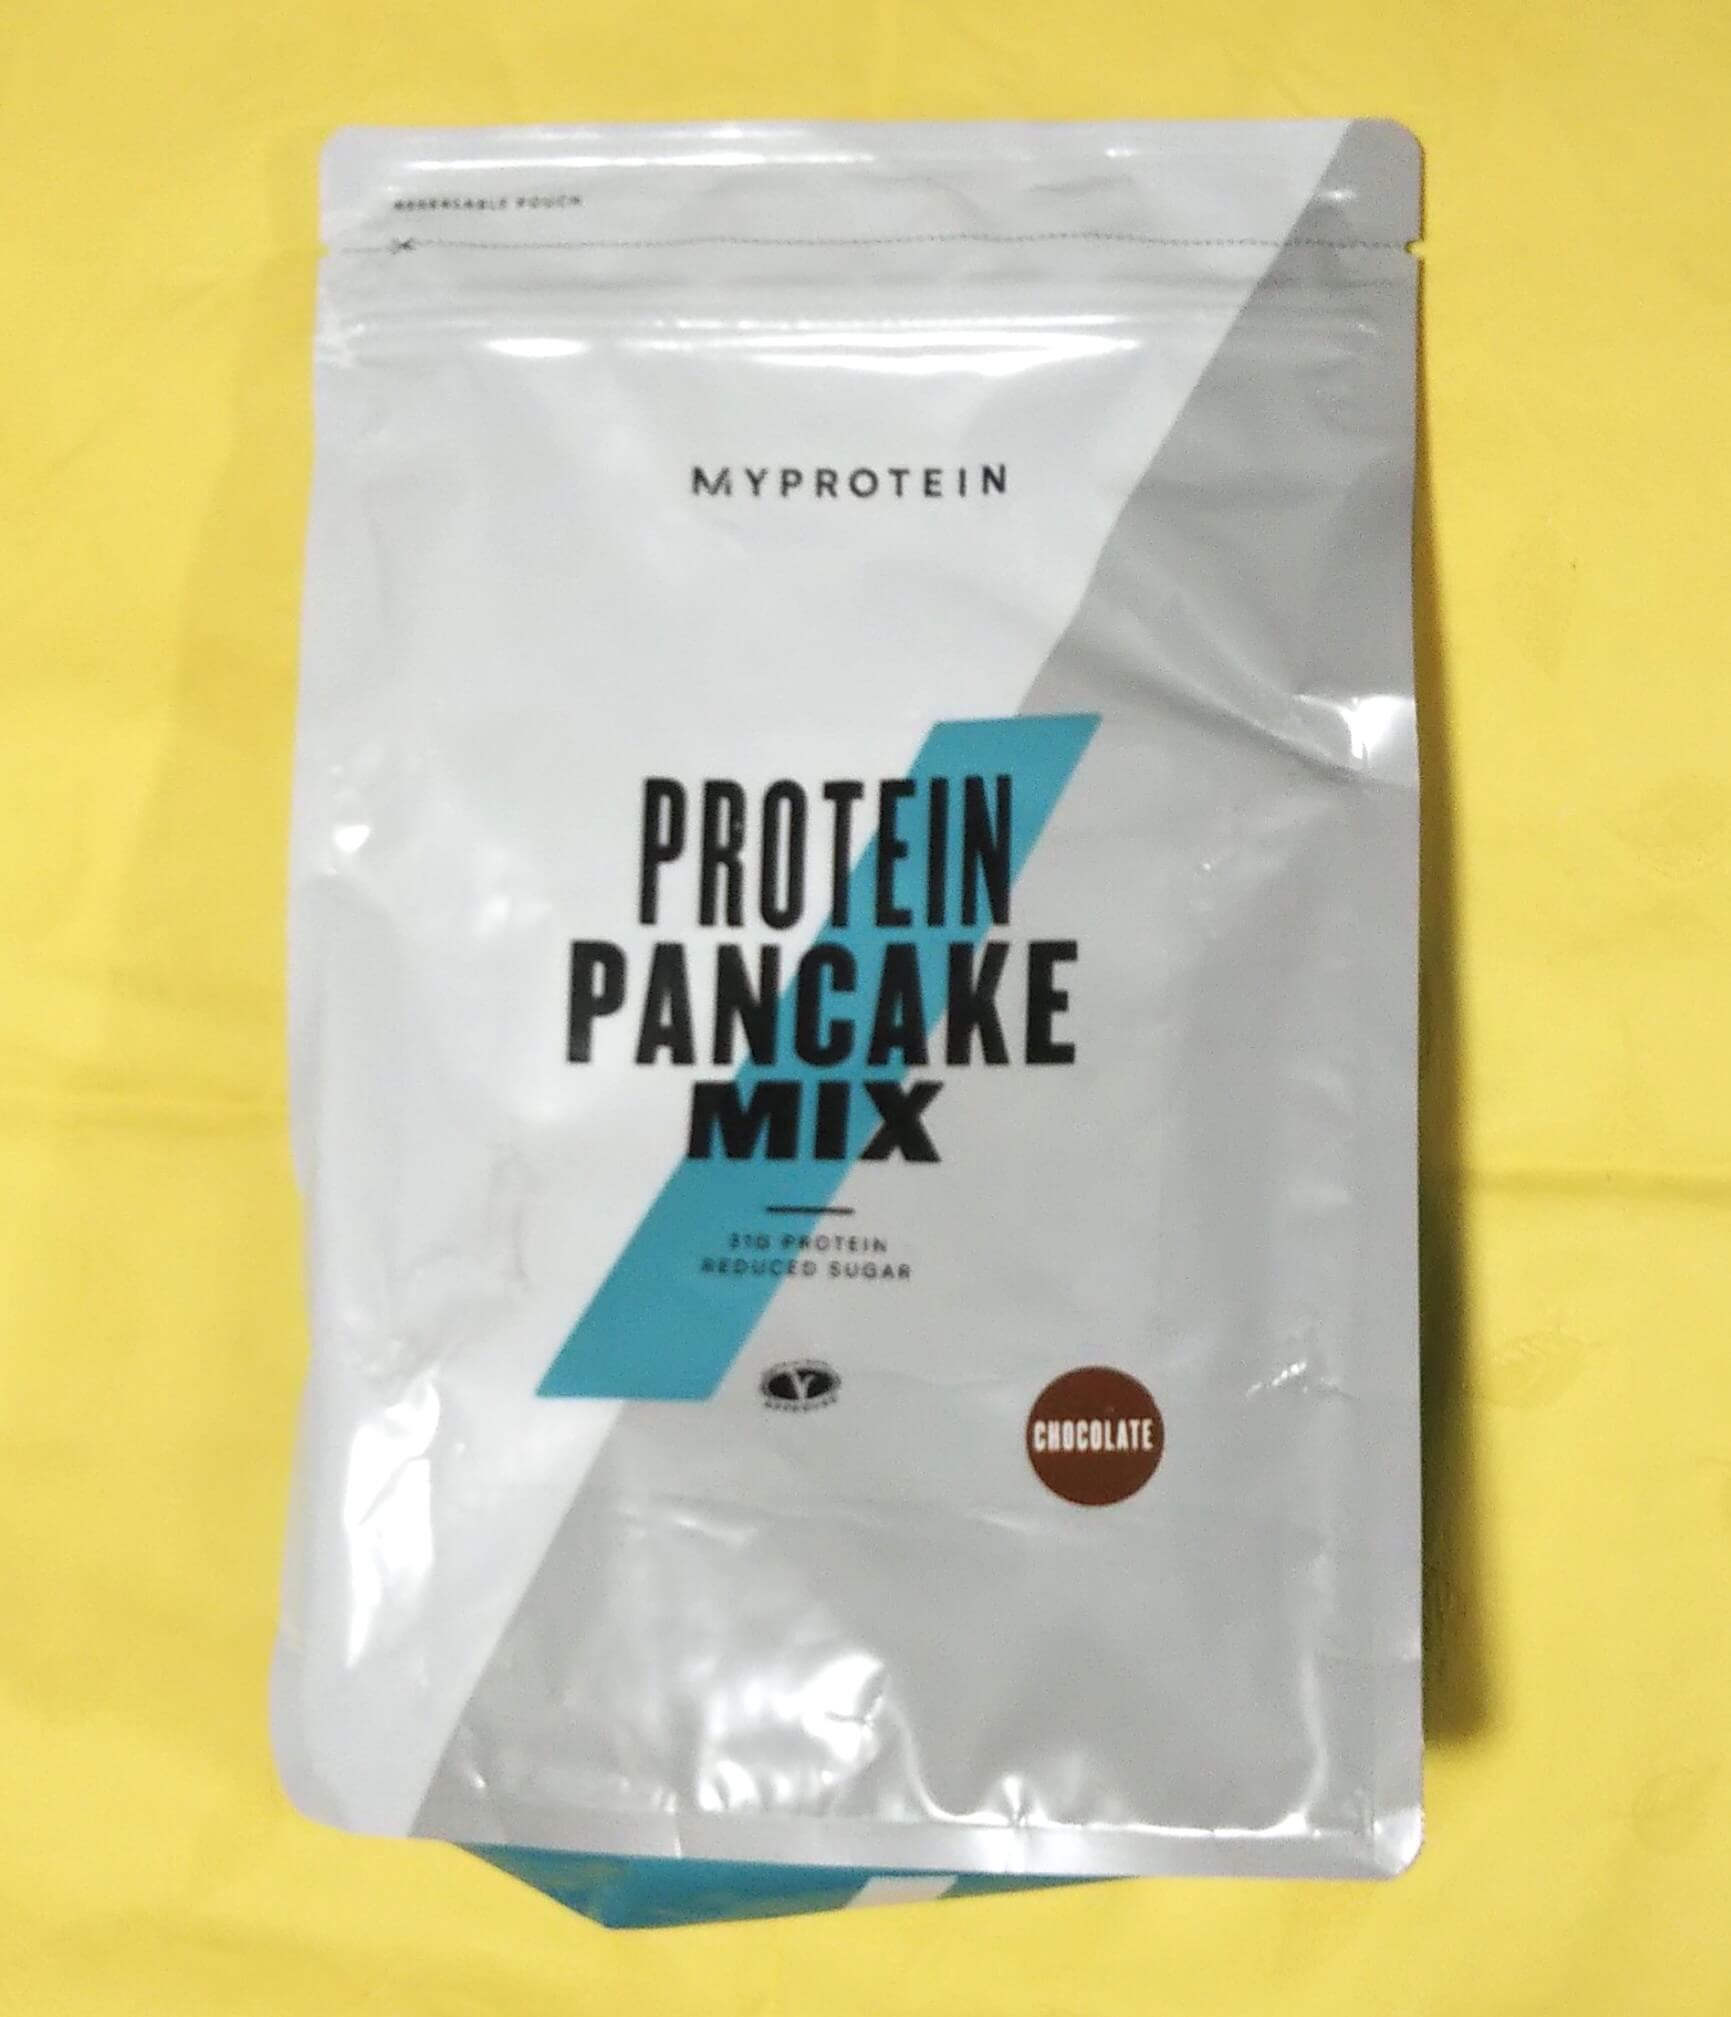 プロテインパンケーキミックス チョコレート味